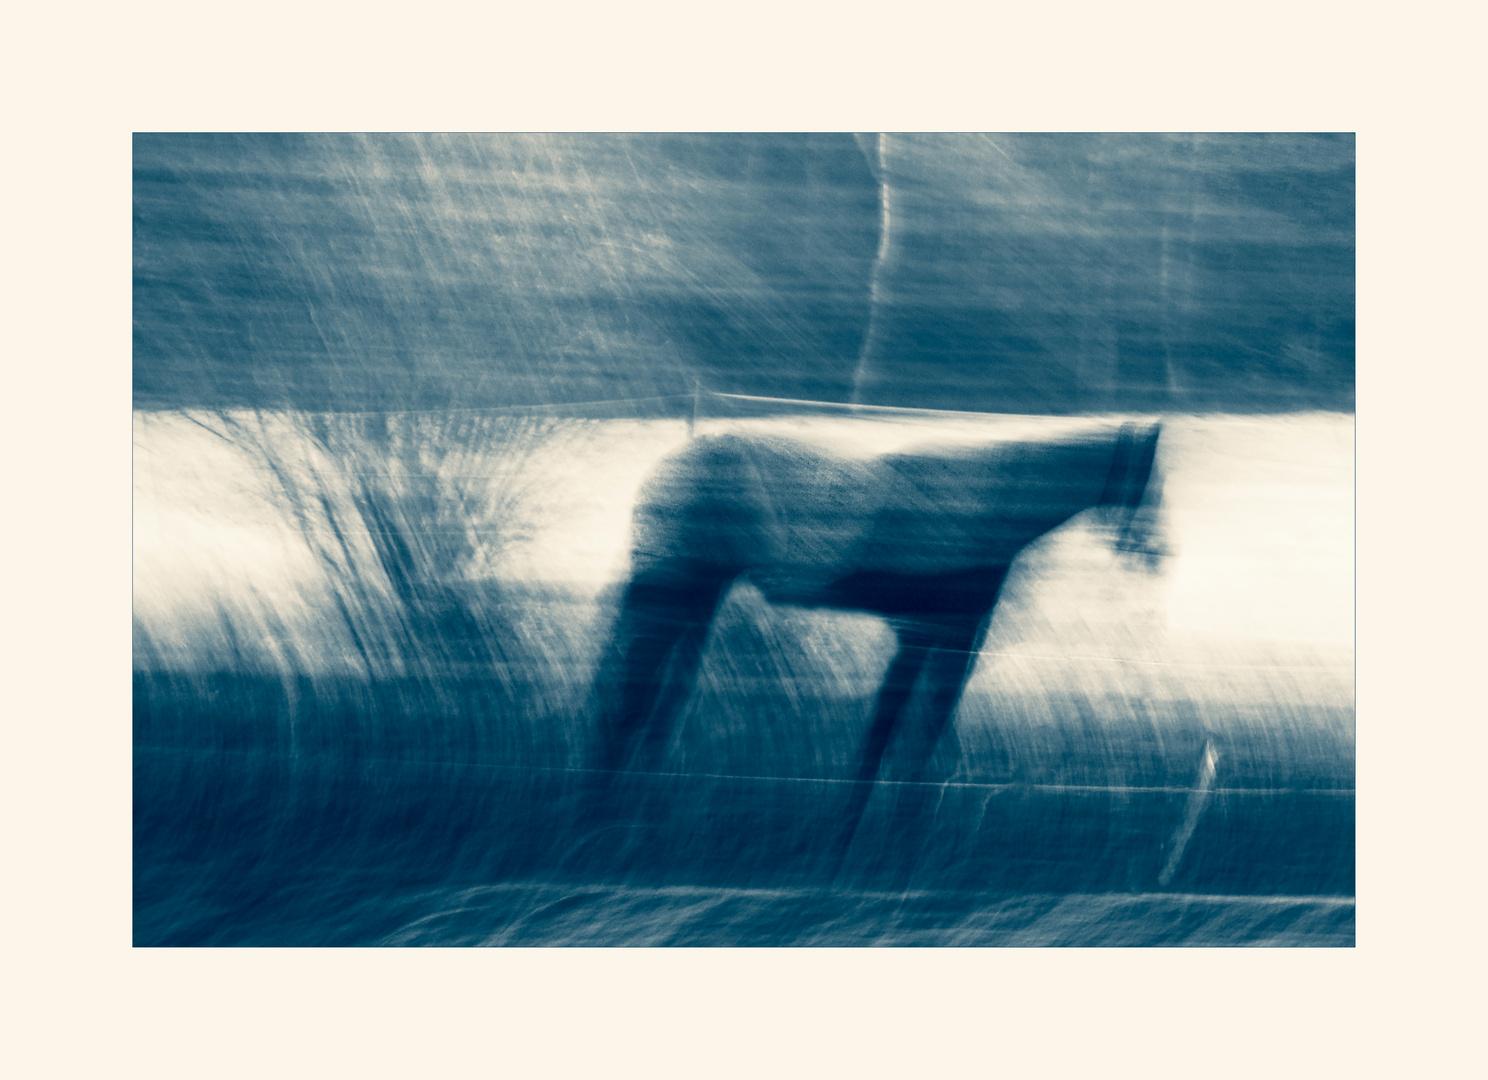 Die Wahrheit ist: kein Pferd und auch kein Schnee!